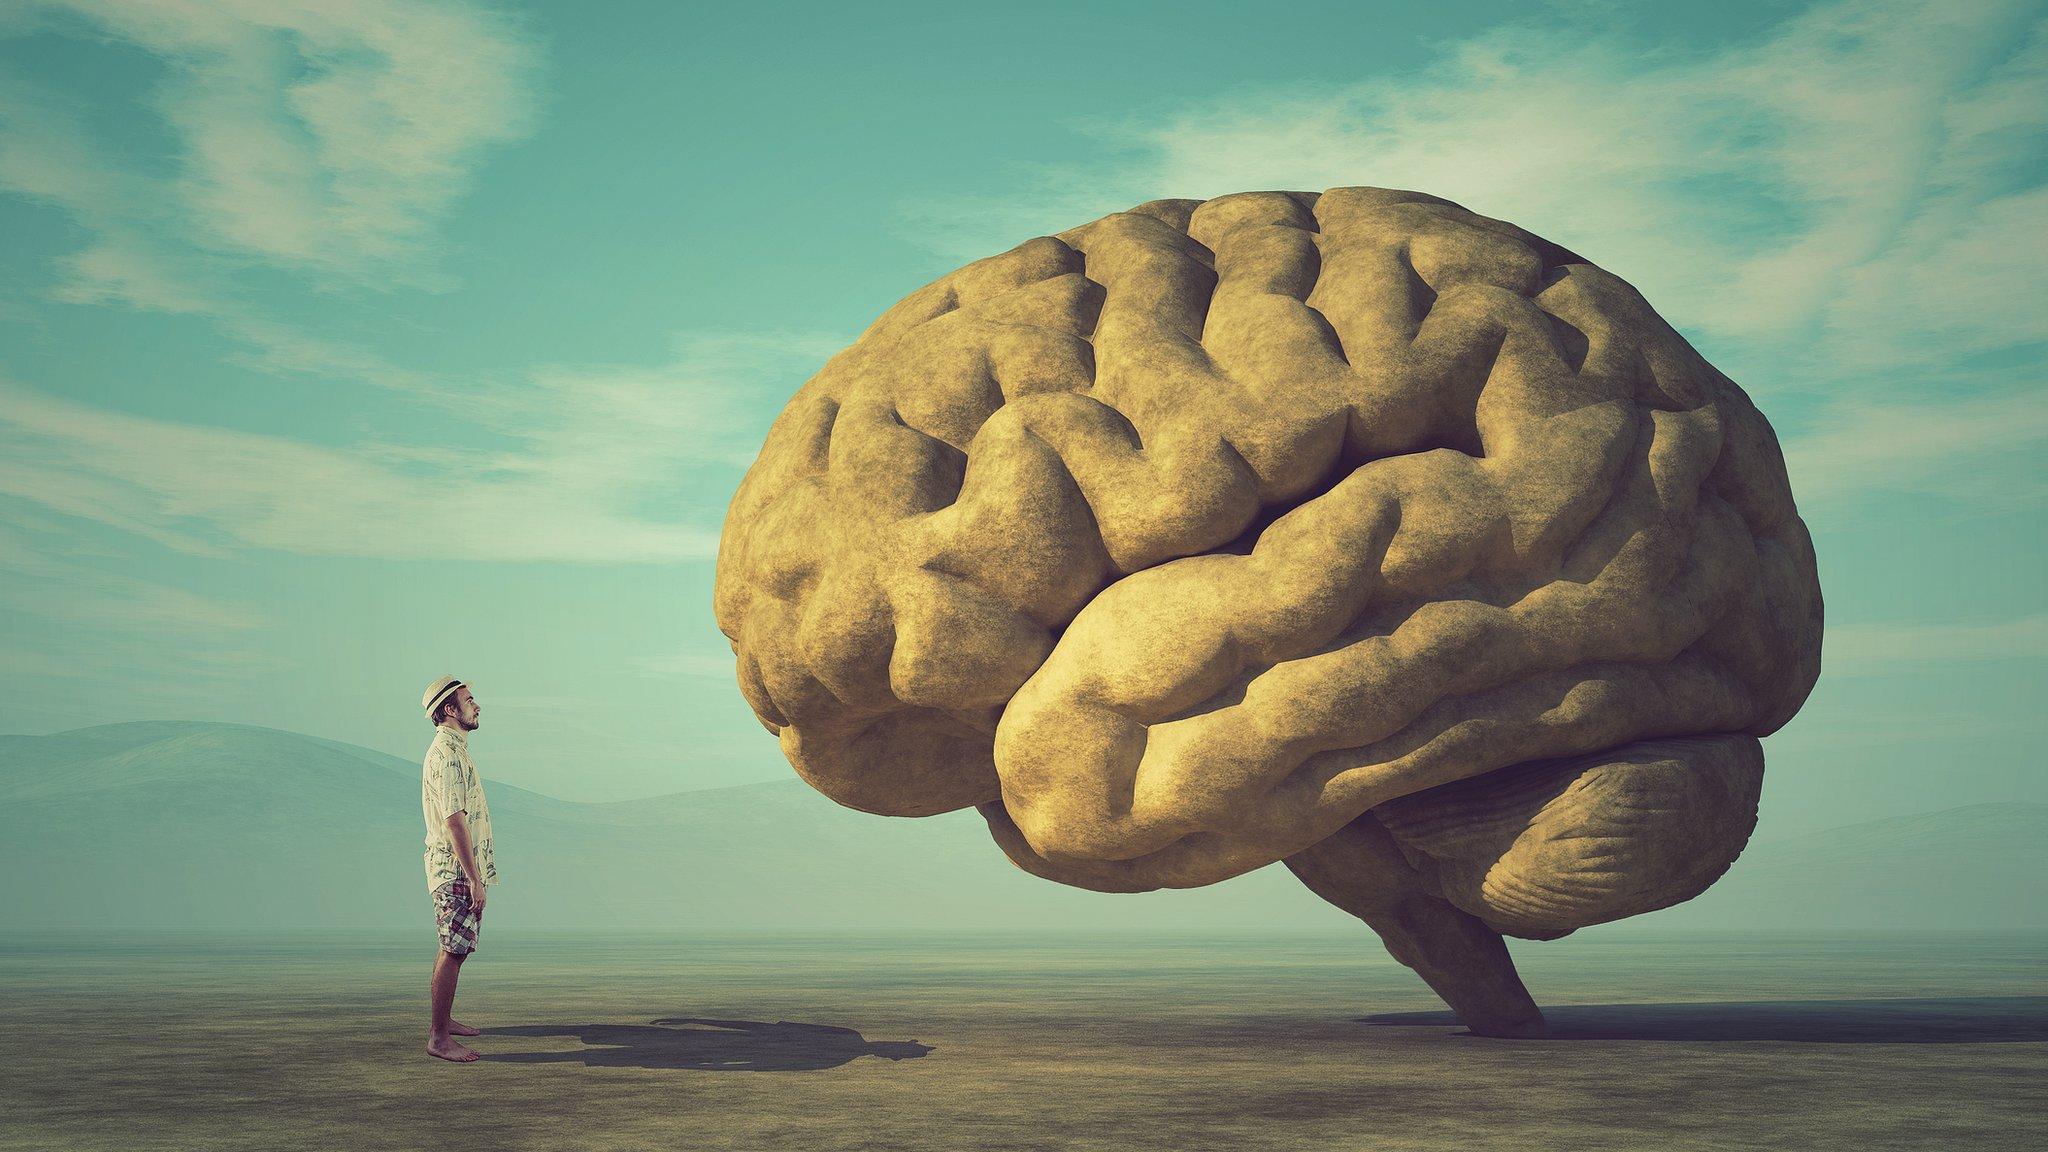 Games melhoram a memória - e outras revelações do maior experimento sobre inteligência já realizado no mundo - BBC News Brasil